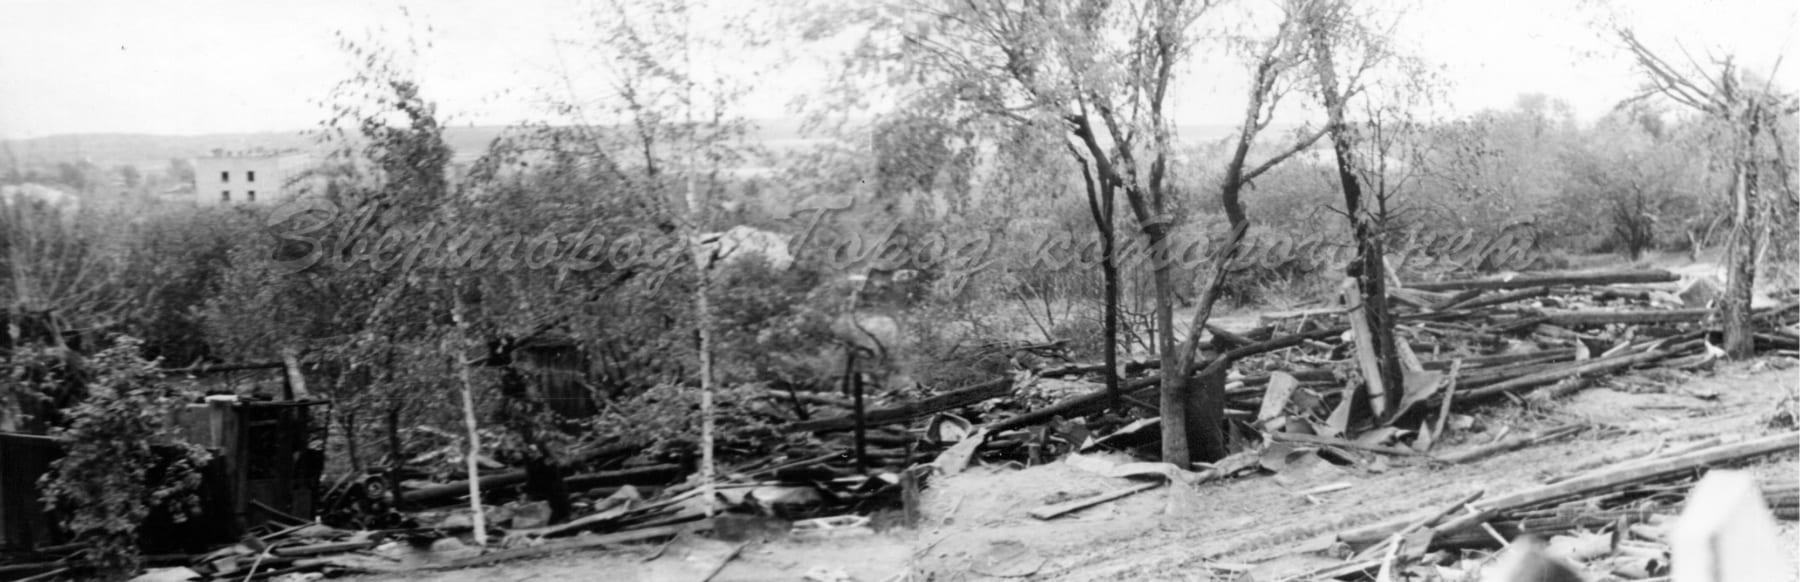 Дом Богомоловых после авиакатастрофы. Фото: zvenigorod-gorod.net